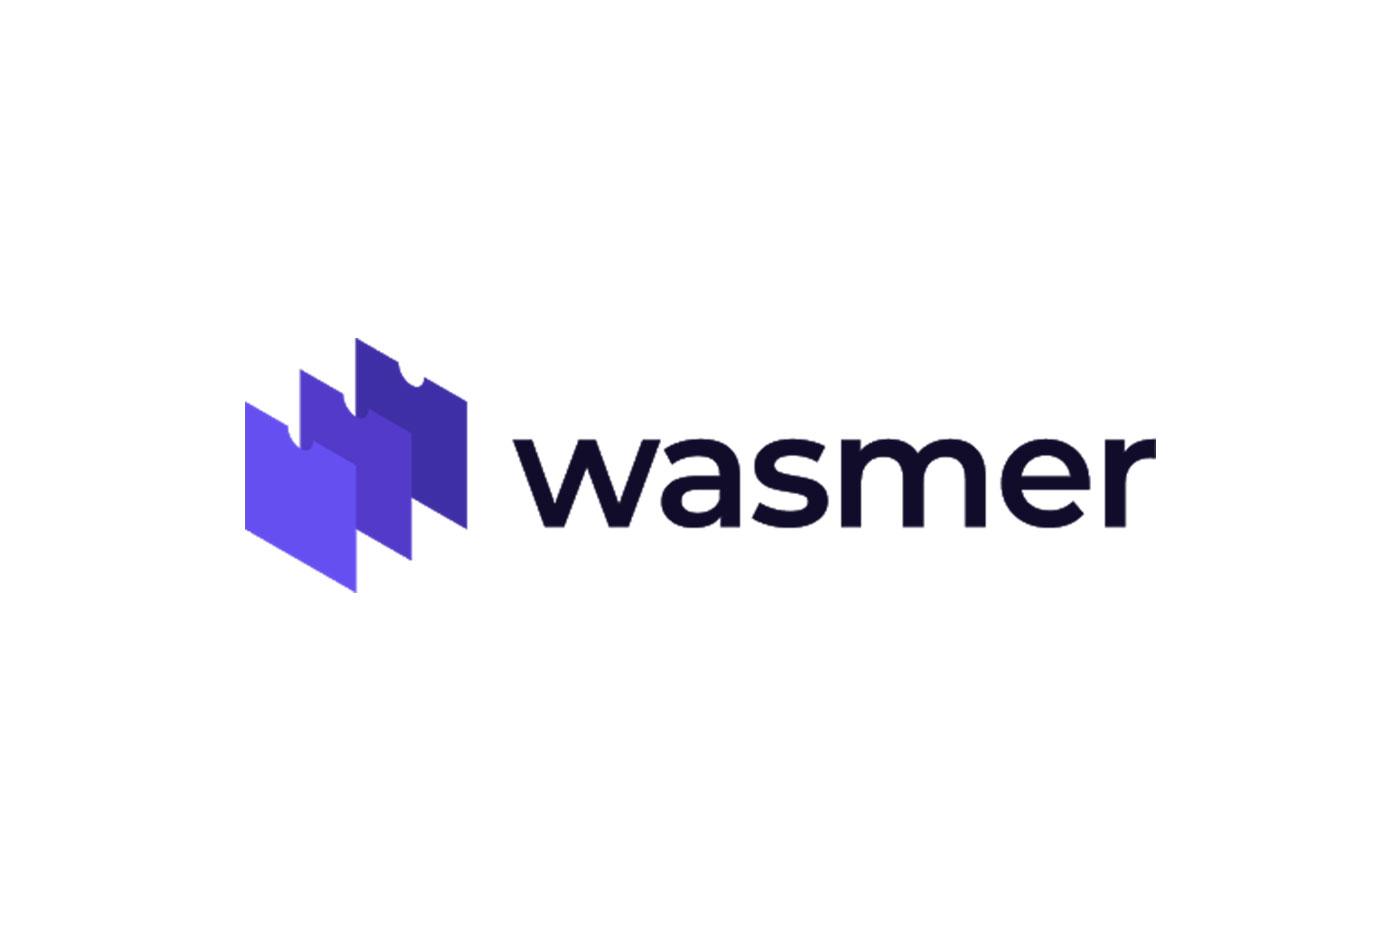 Wasmer